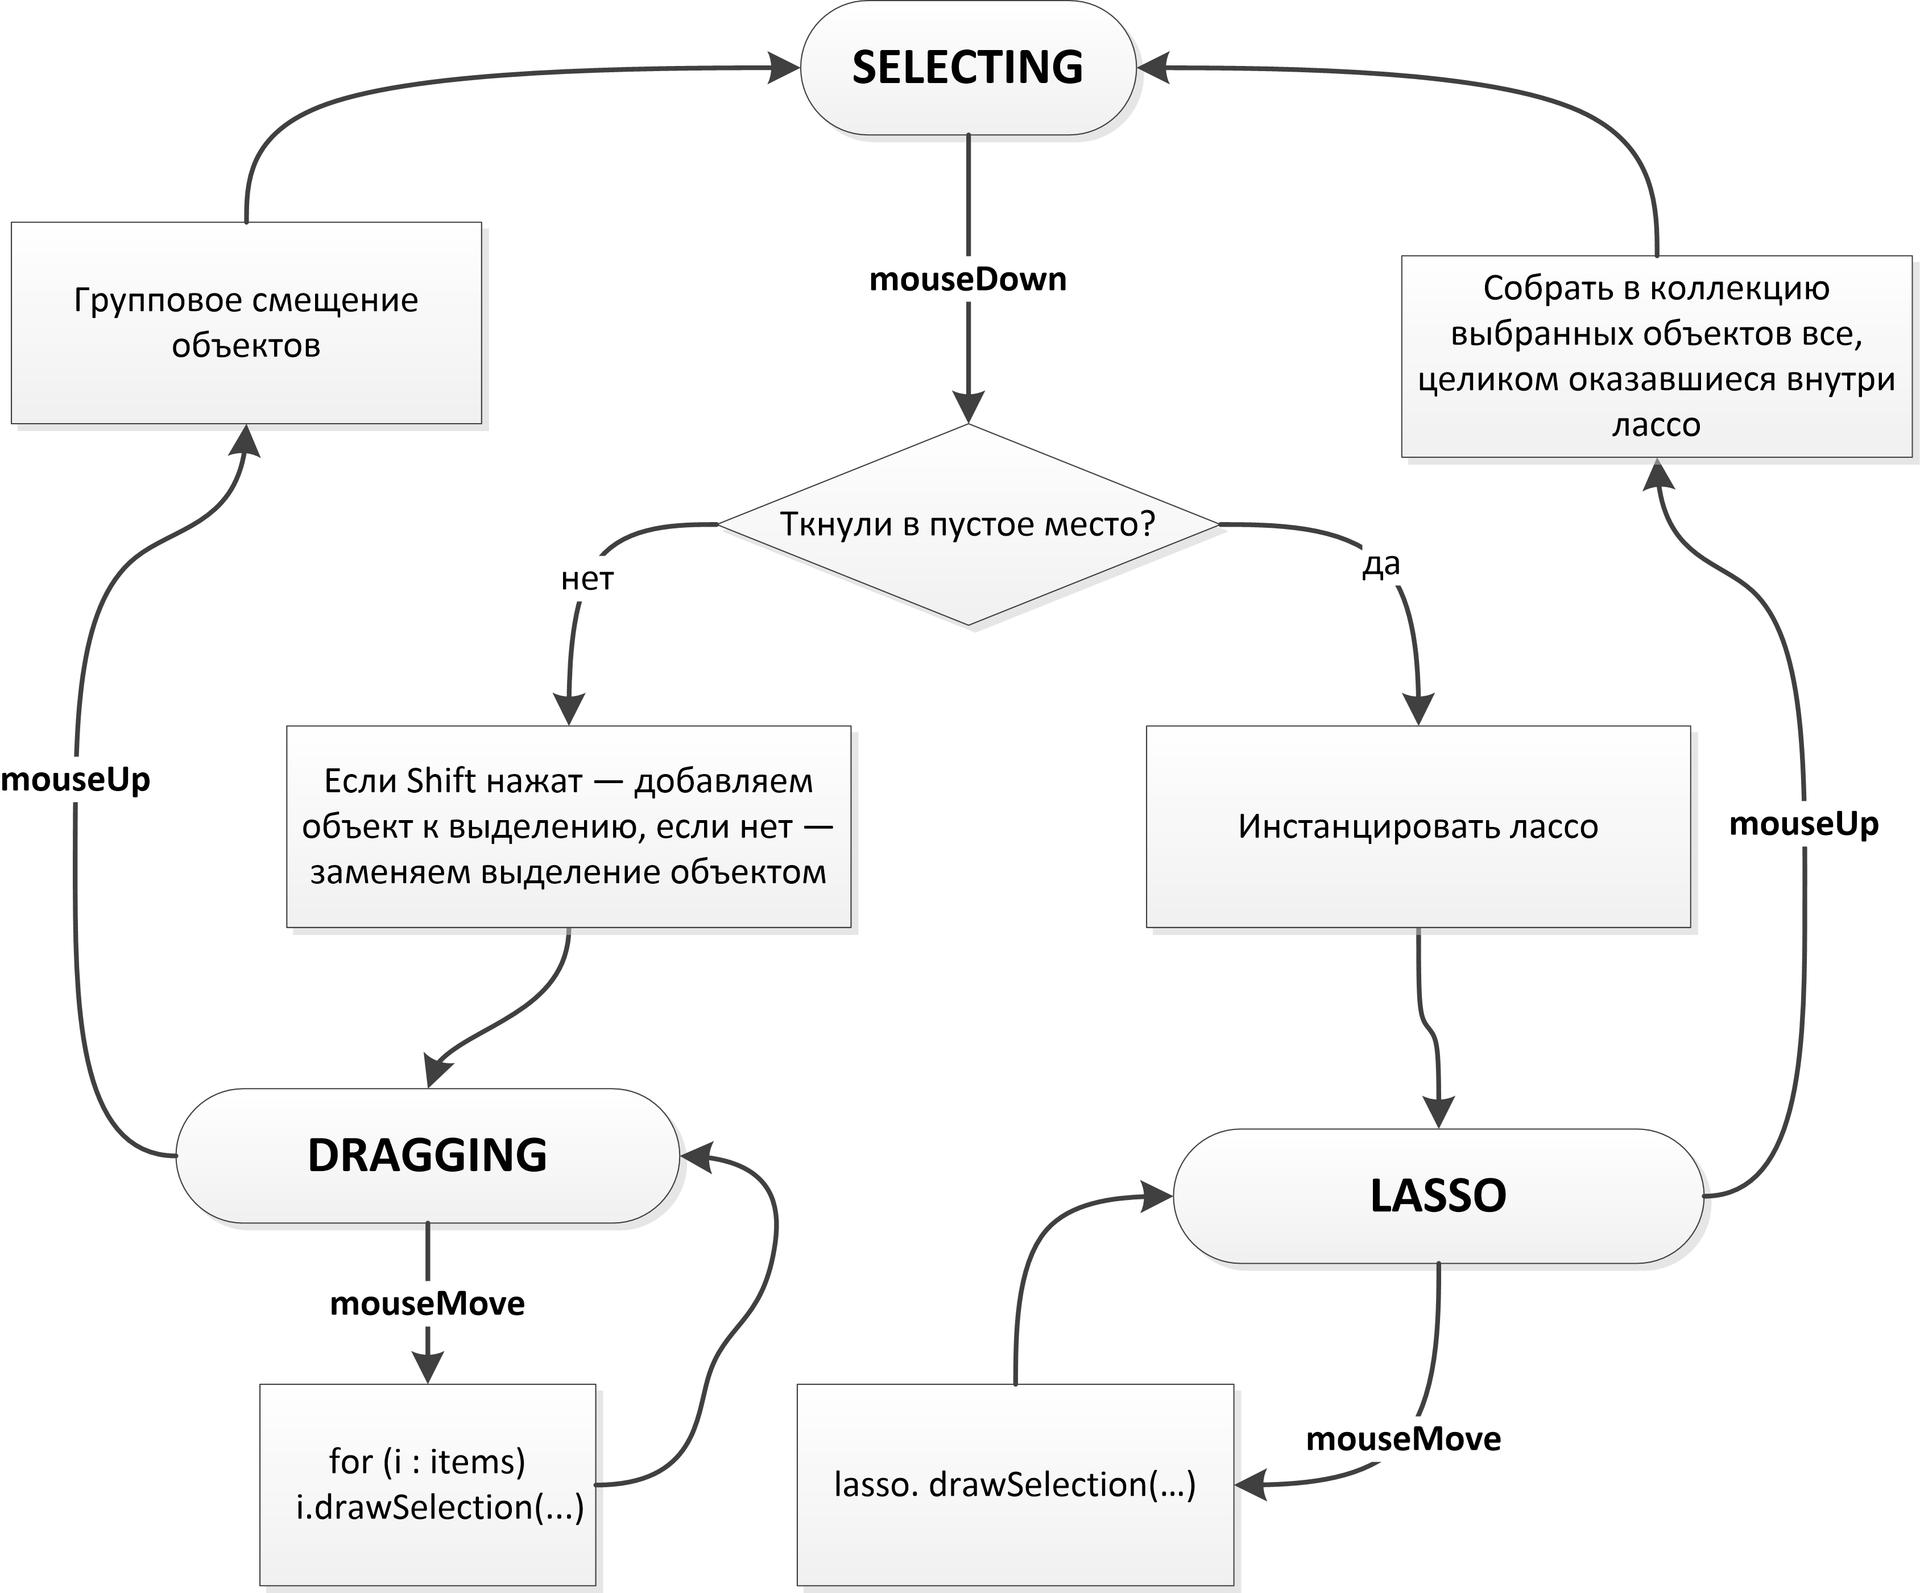 Реализация интерактивных диаграмм с помощью ООП на примере прототипа редактора UML-диаграмм. Часть 2 - 4